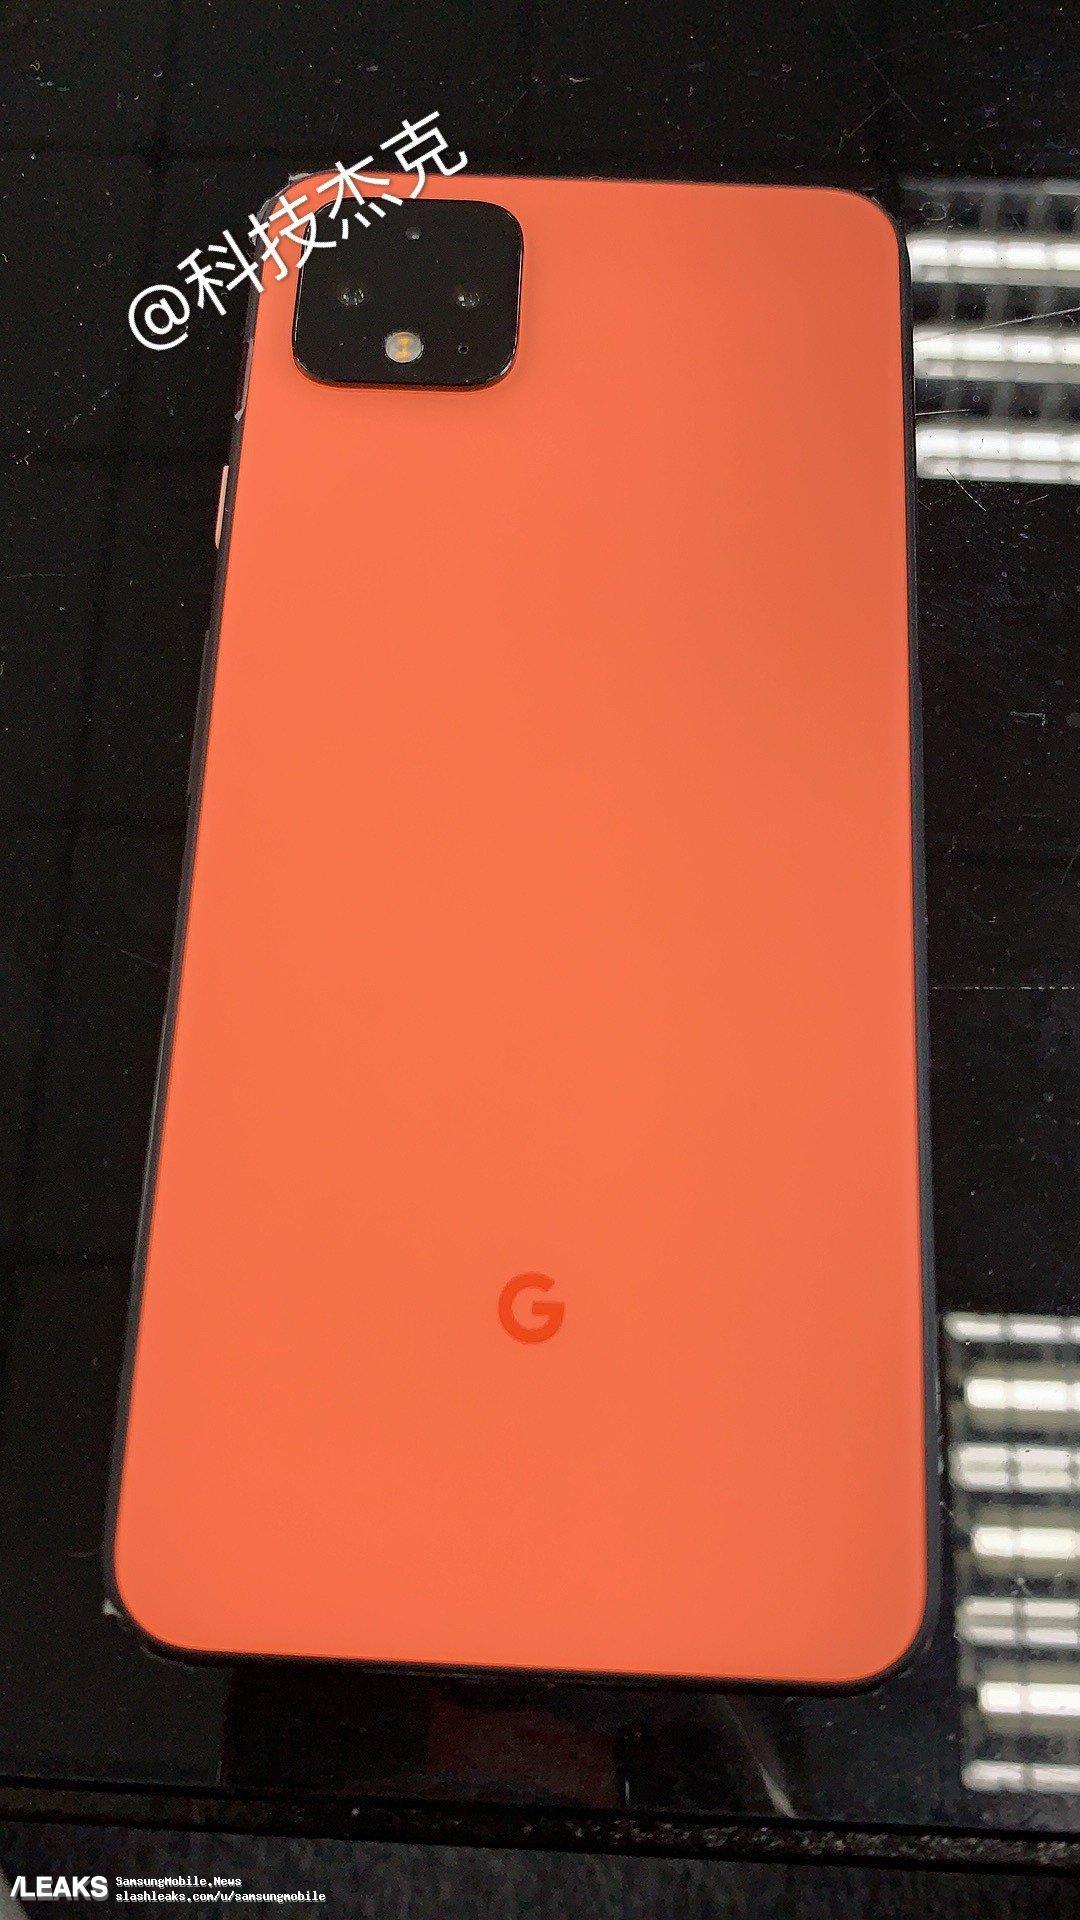 img Pixel 4 in orange leaked again